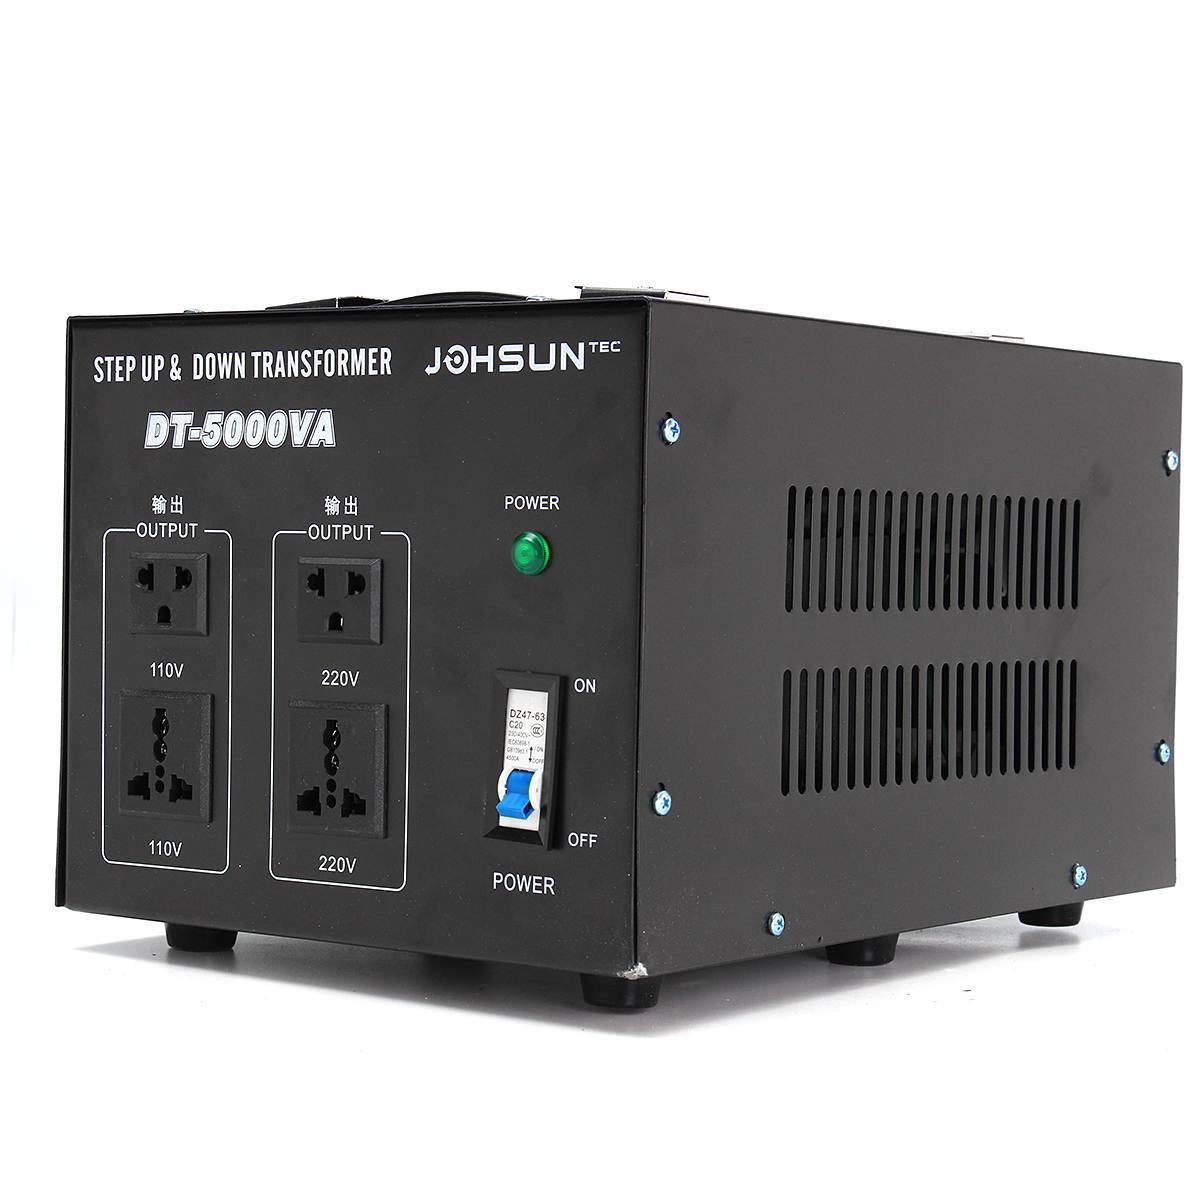 محول جهد كهربائي ، منظم جهد عالي ، 110 فولت إلى 220 فولت ، 500/1000/2000/3000 واط ، 5000 فولت ، محول 220 فولت ، auf 110 فولت